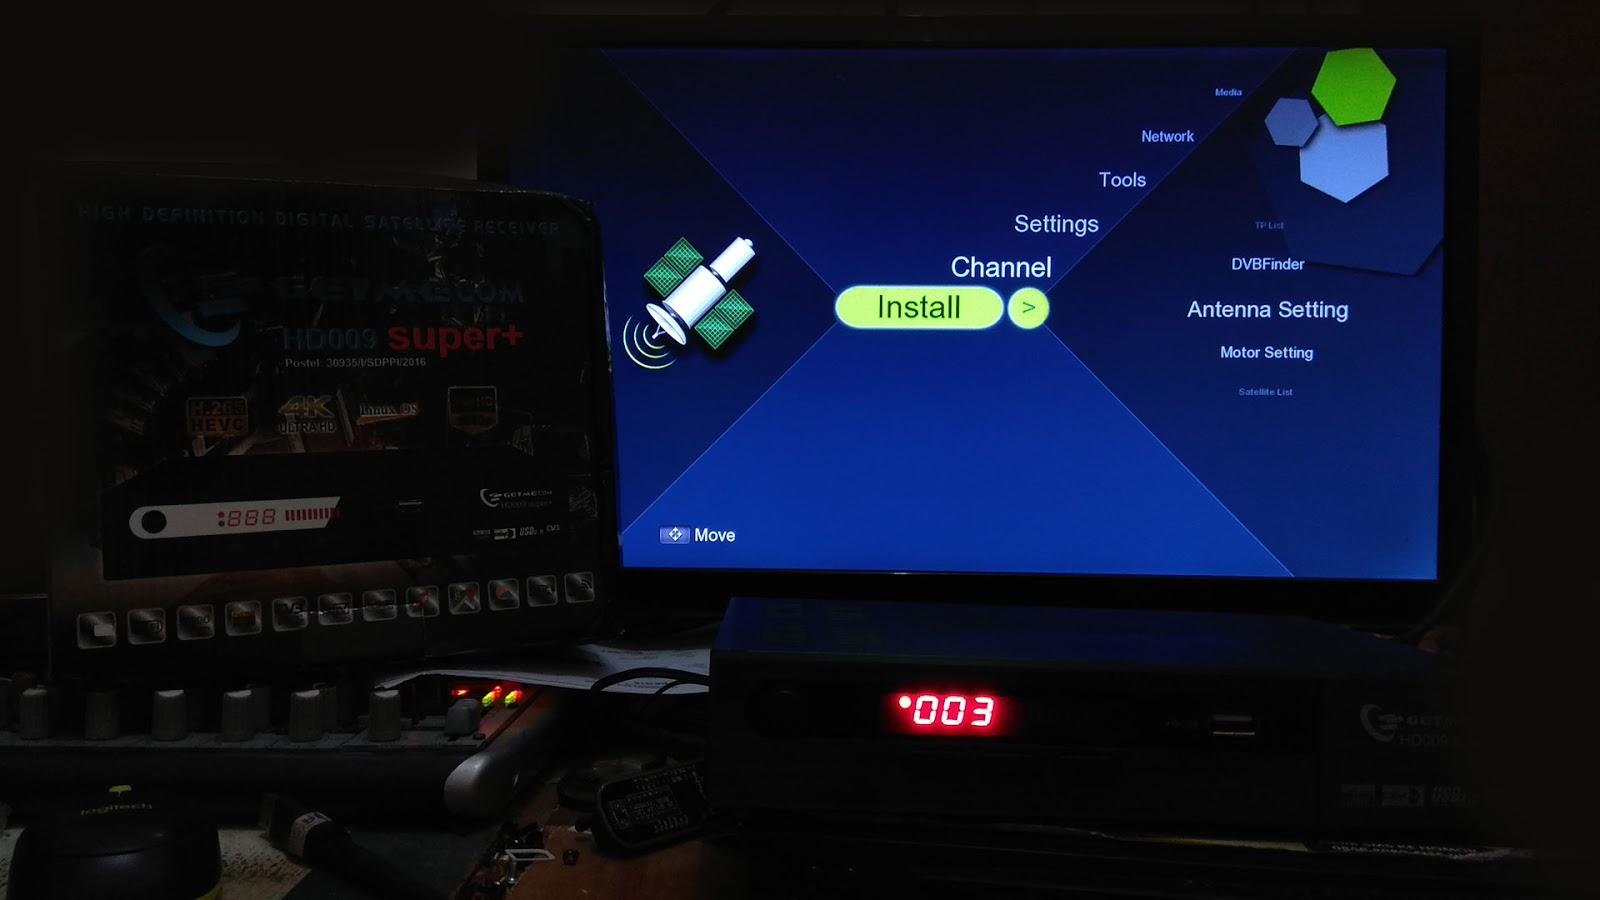 Harga dan Spesifikasi Receiver Getmecom HD009 Super Plus